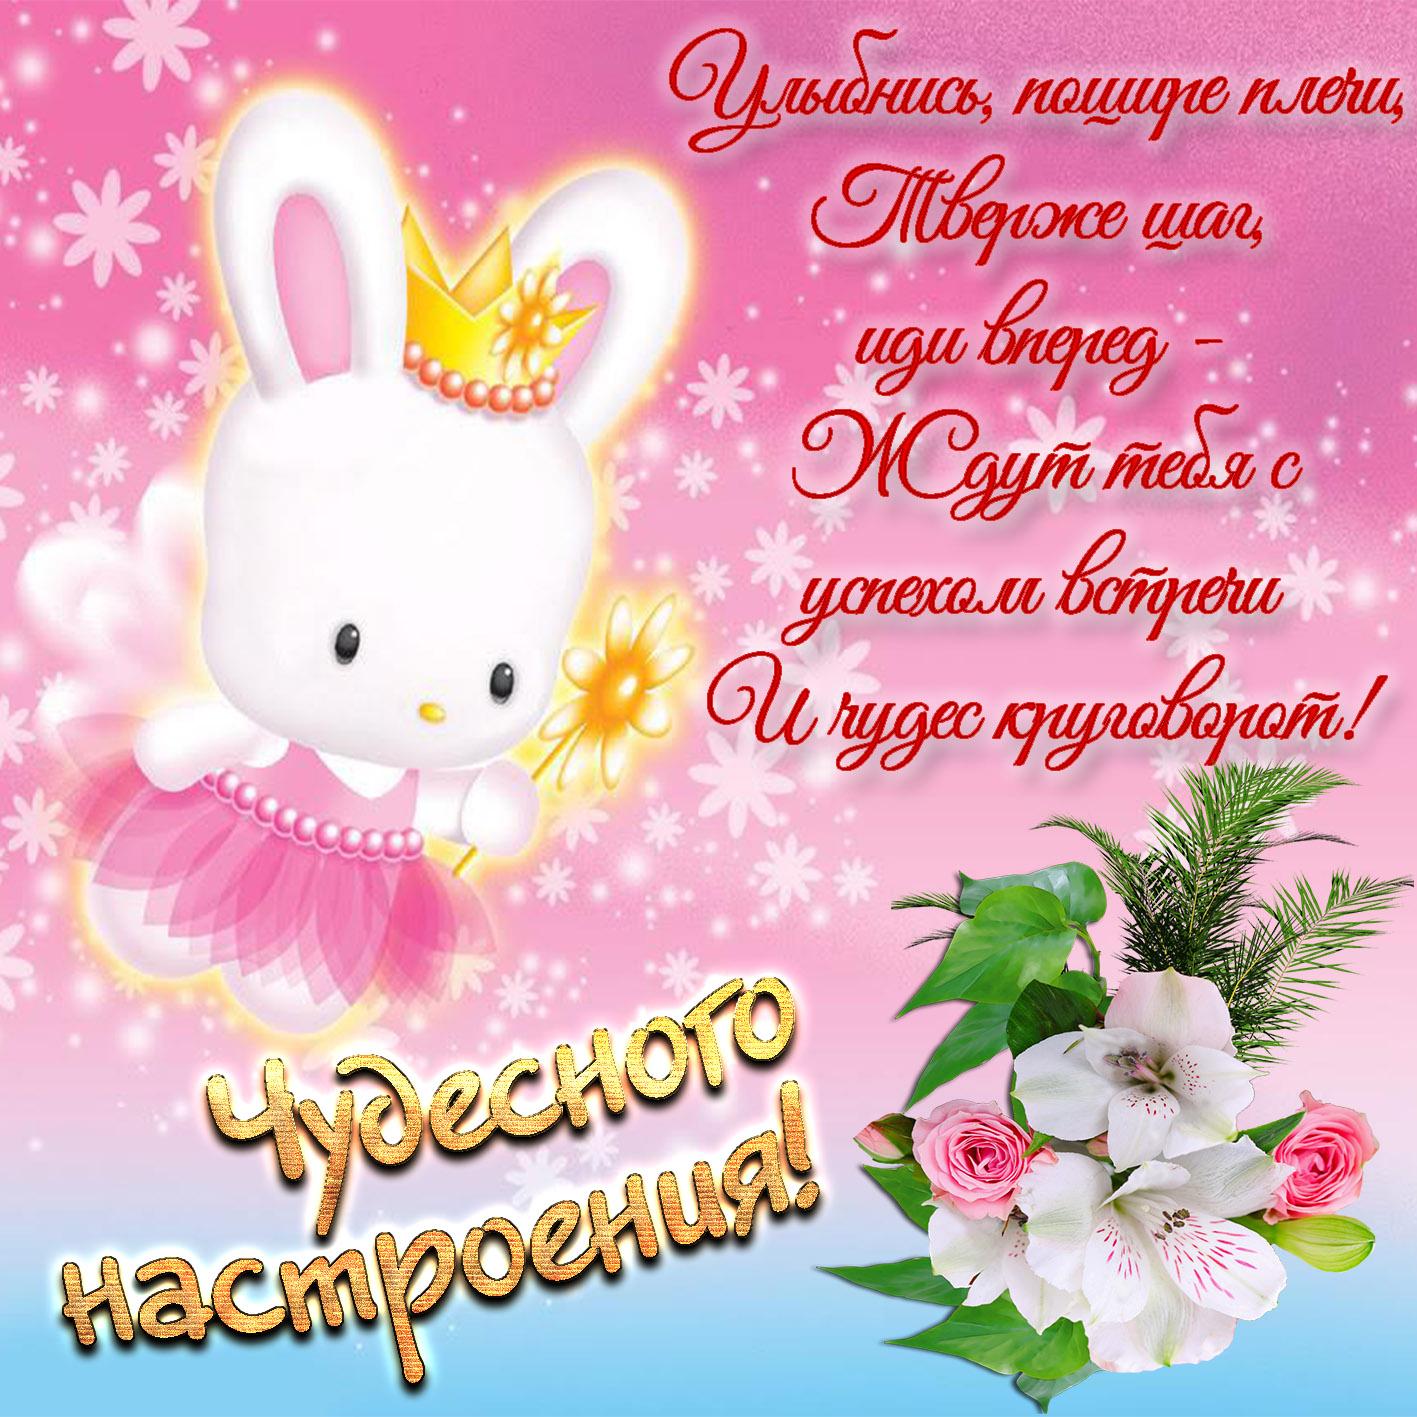 Милый кролик желает чудесного настроения